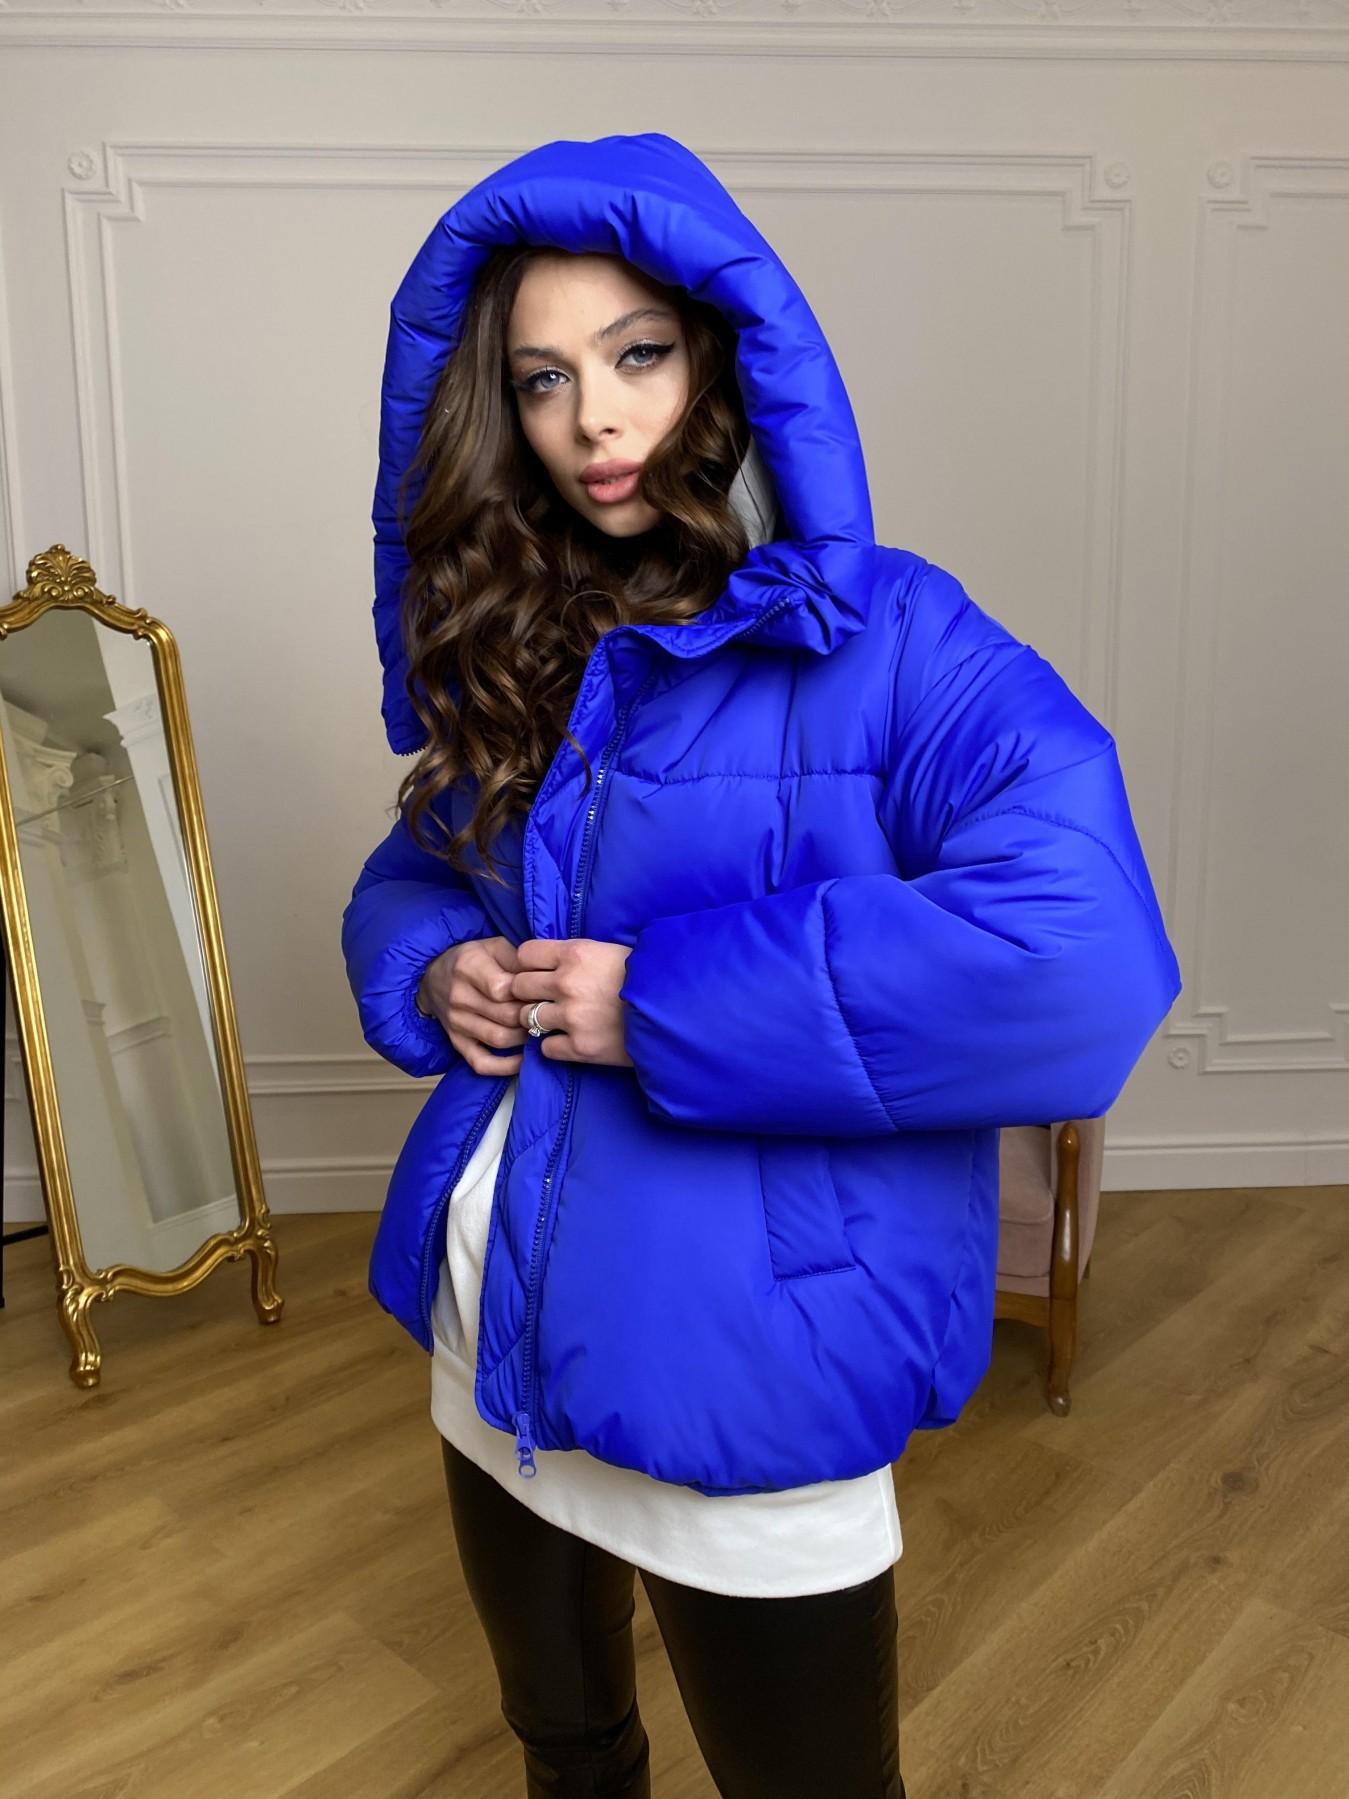 Нокс куртка из плащевой ткани 10535 АРТ. 46881 Цвет: Электрик 1052 - фото 6, интернет магазин tm-modus.ru